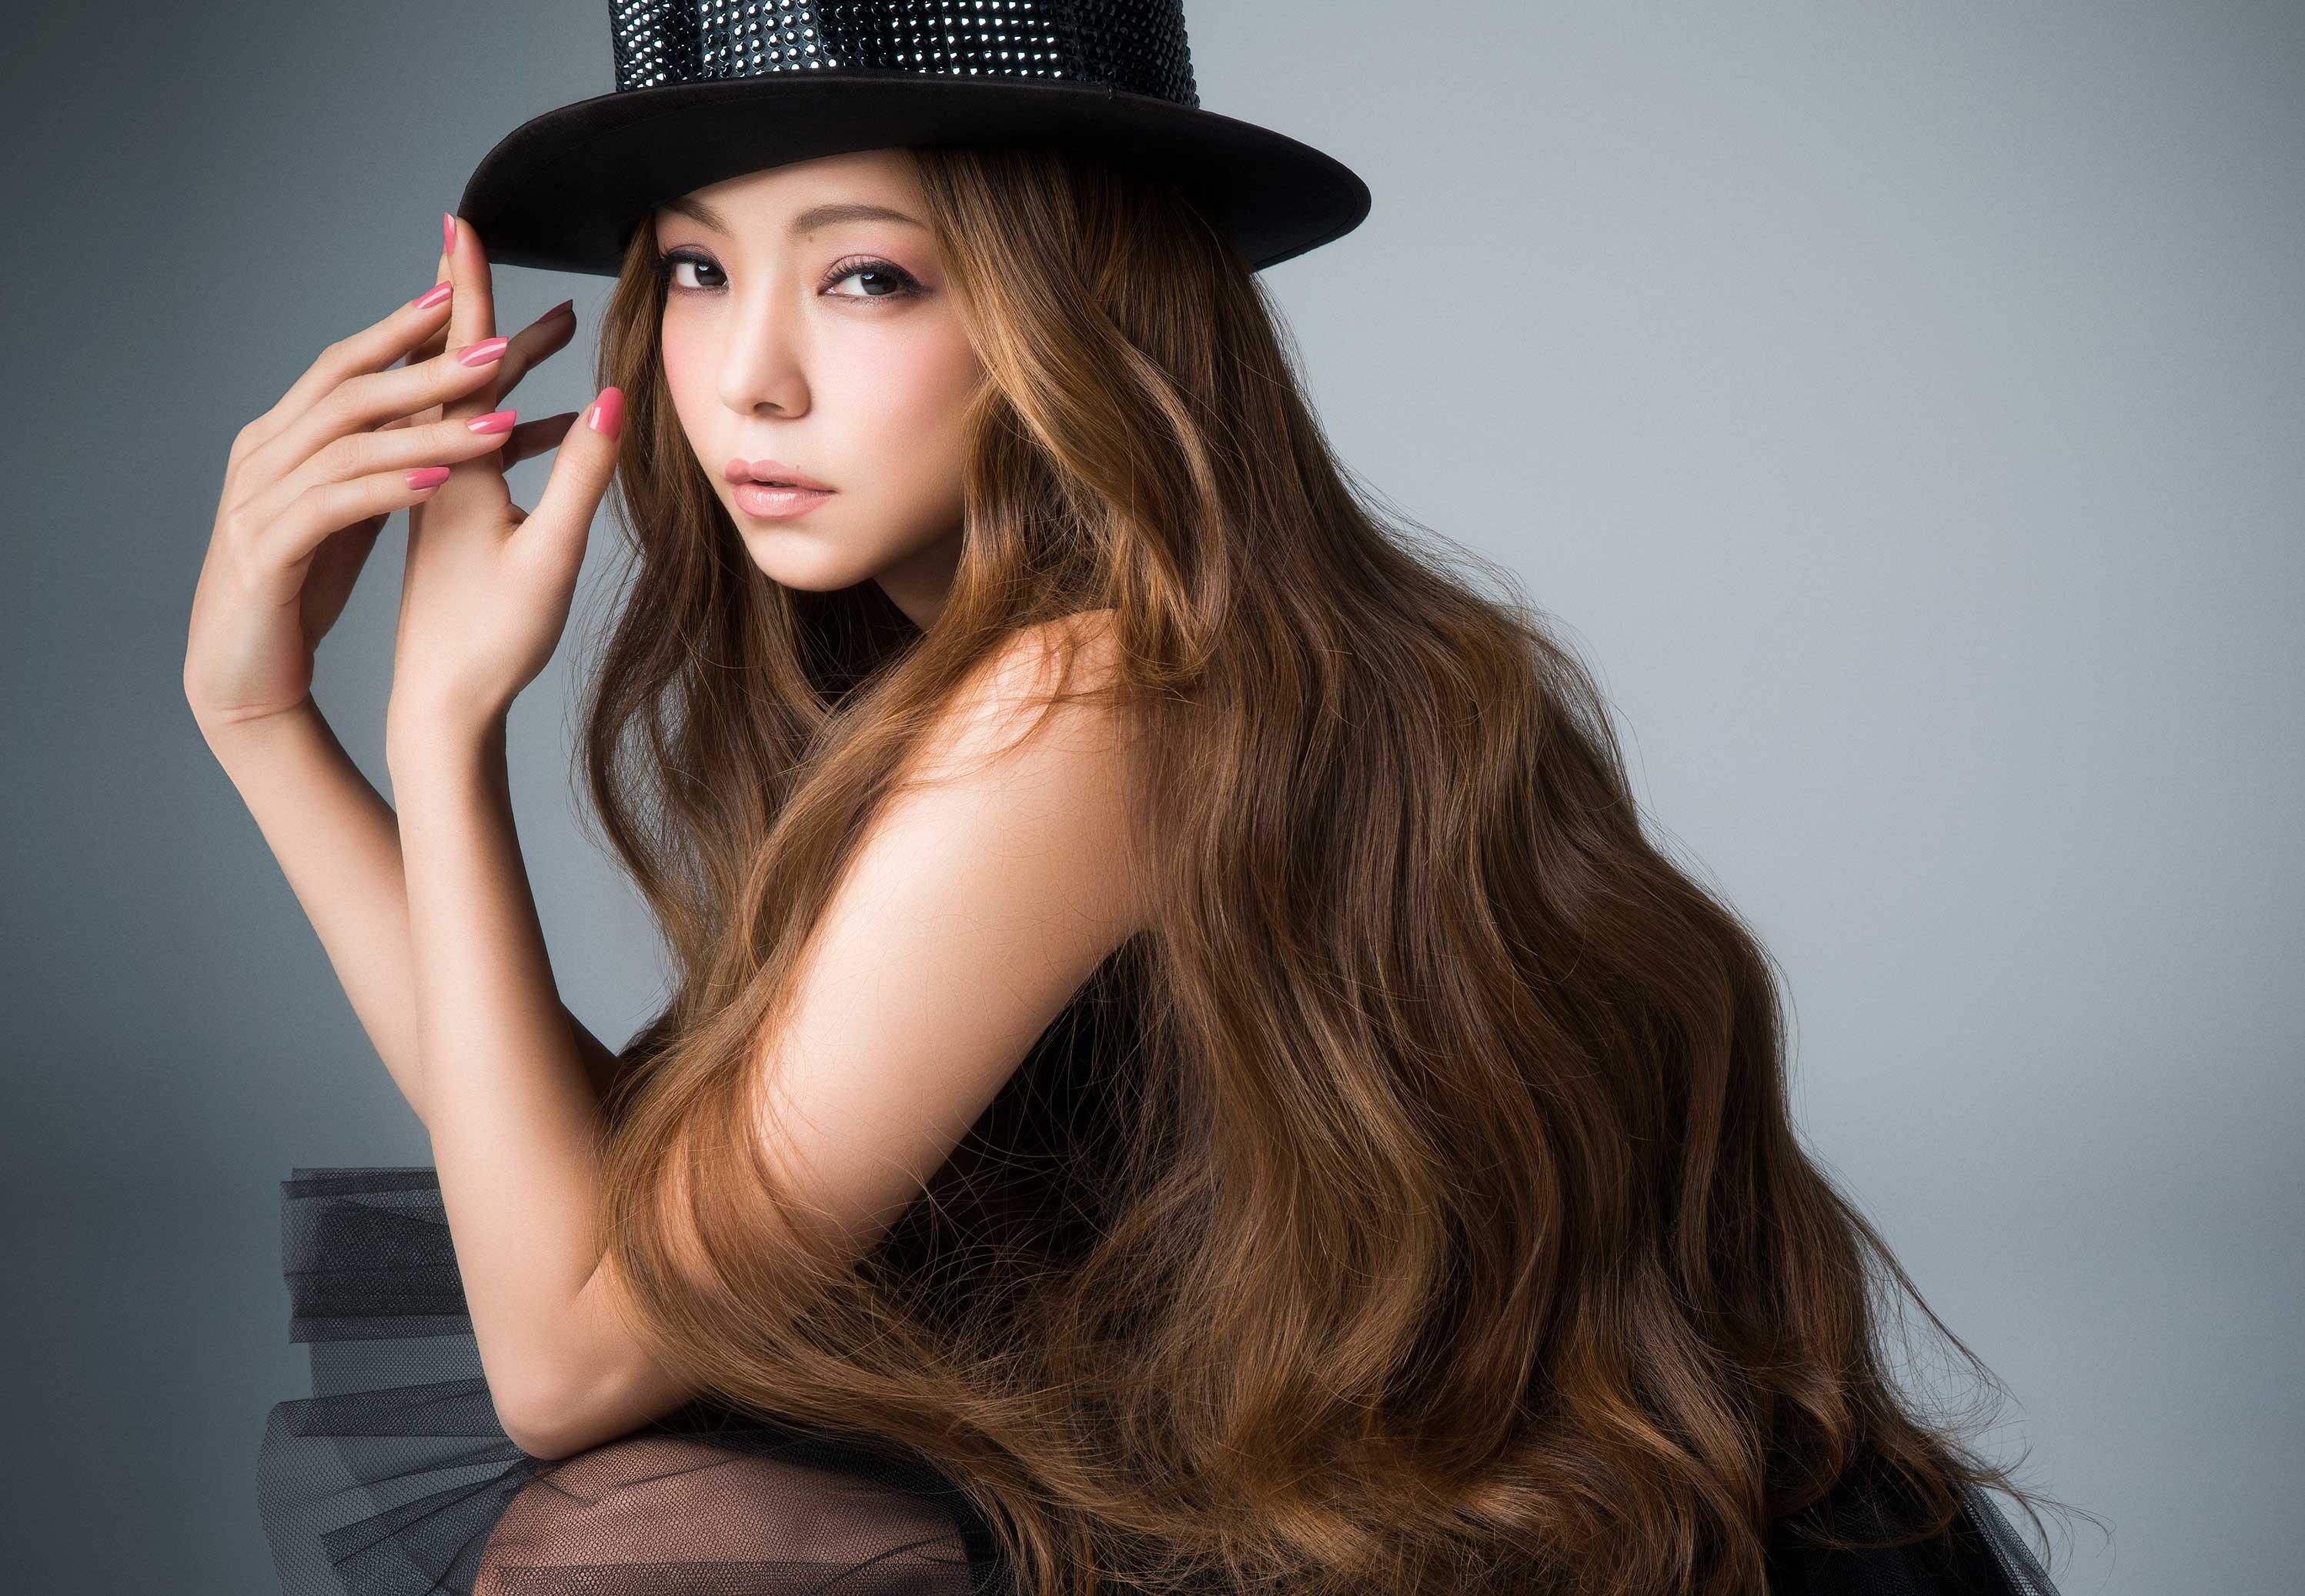 安室奈美恵の沖縄ライブ Huluで観れるかも?豪華コラボにDVD化求める声殺到